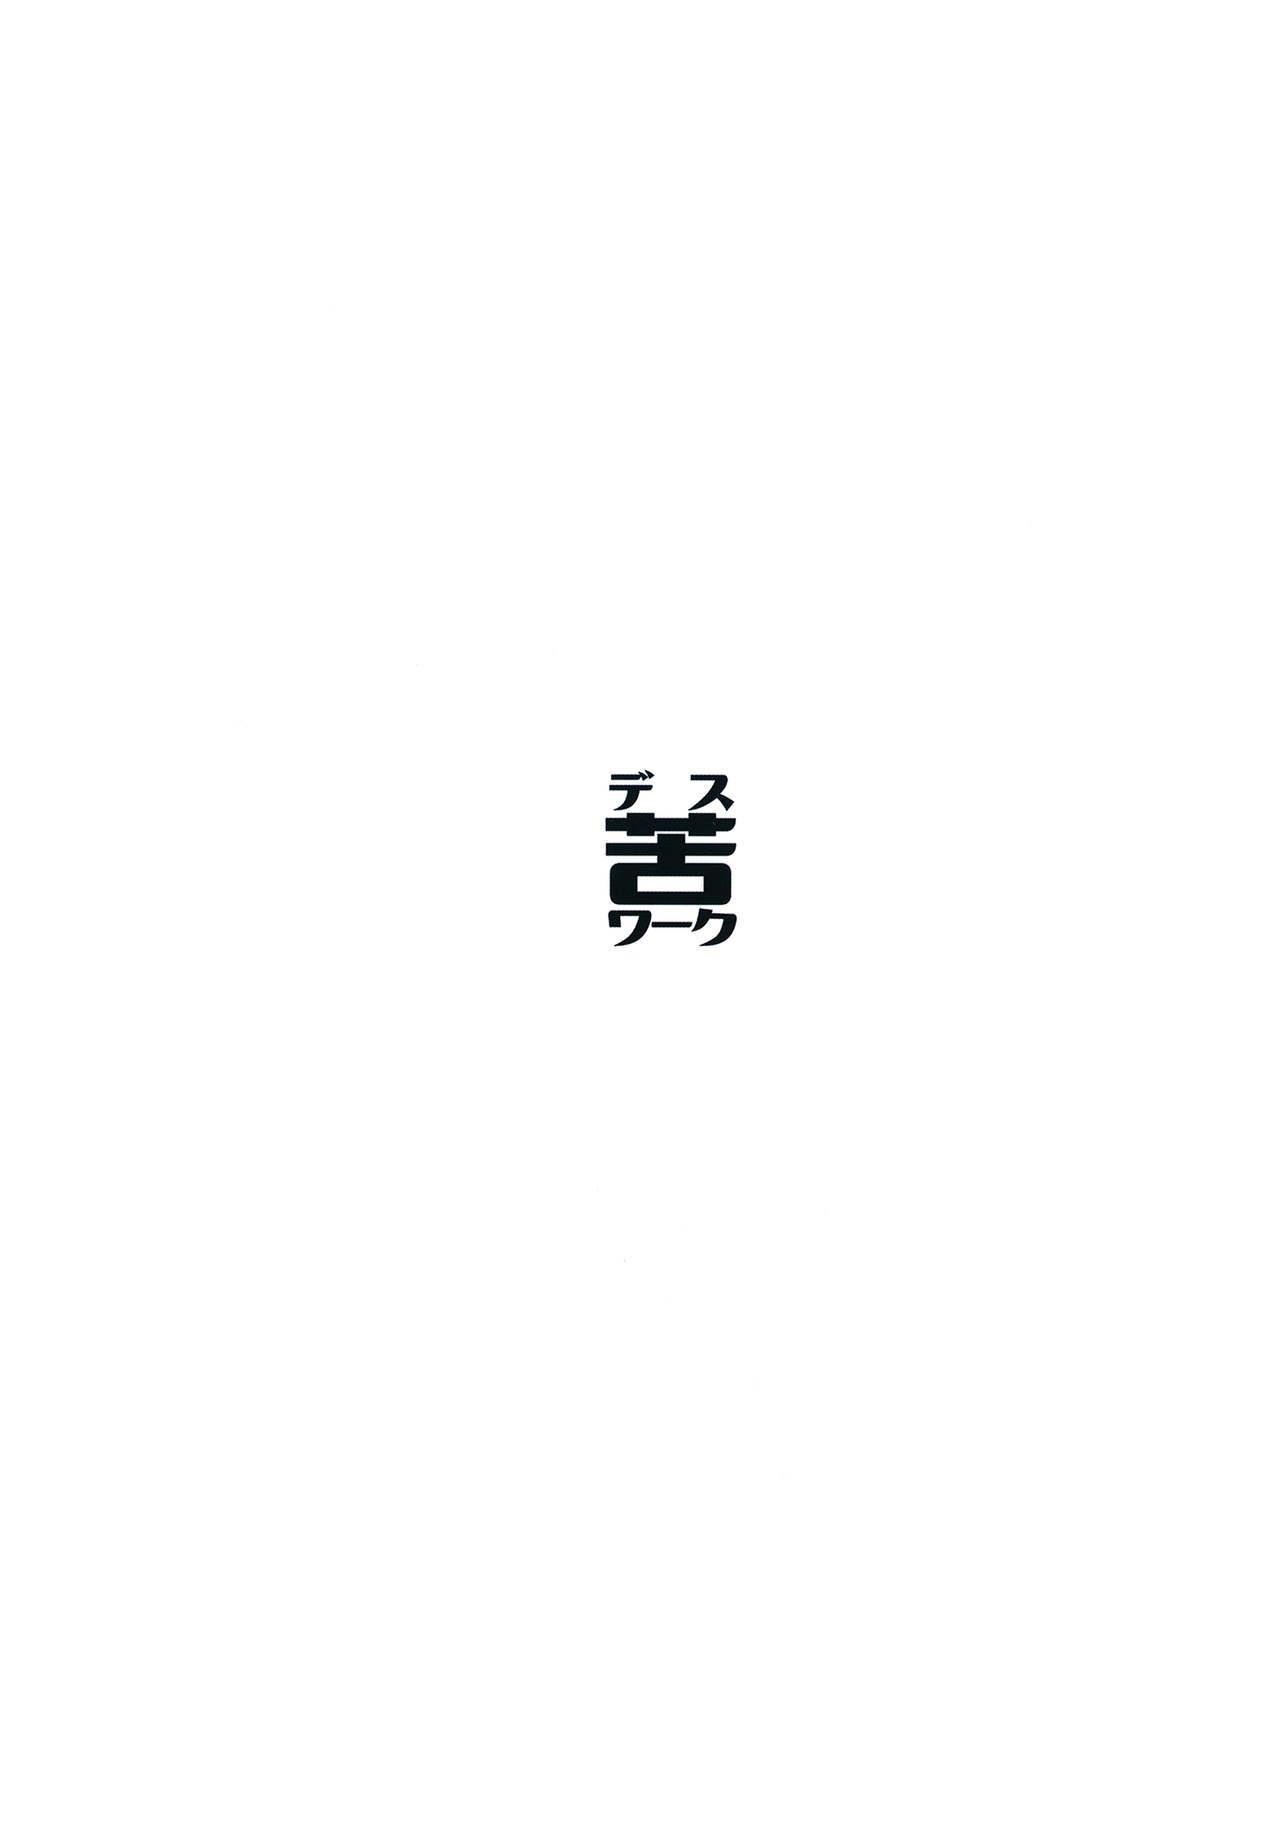 [Desk Work (Ashita)] Enjo Kousai Akira to Anii (Tachi) no Seikatsu Kiroku (THE IDOLM@STER CINDERELLA GIRLS) [Digital] 23